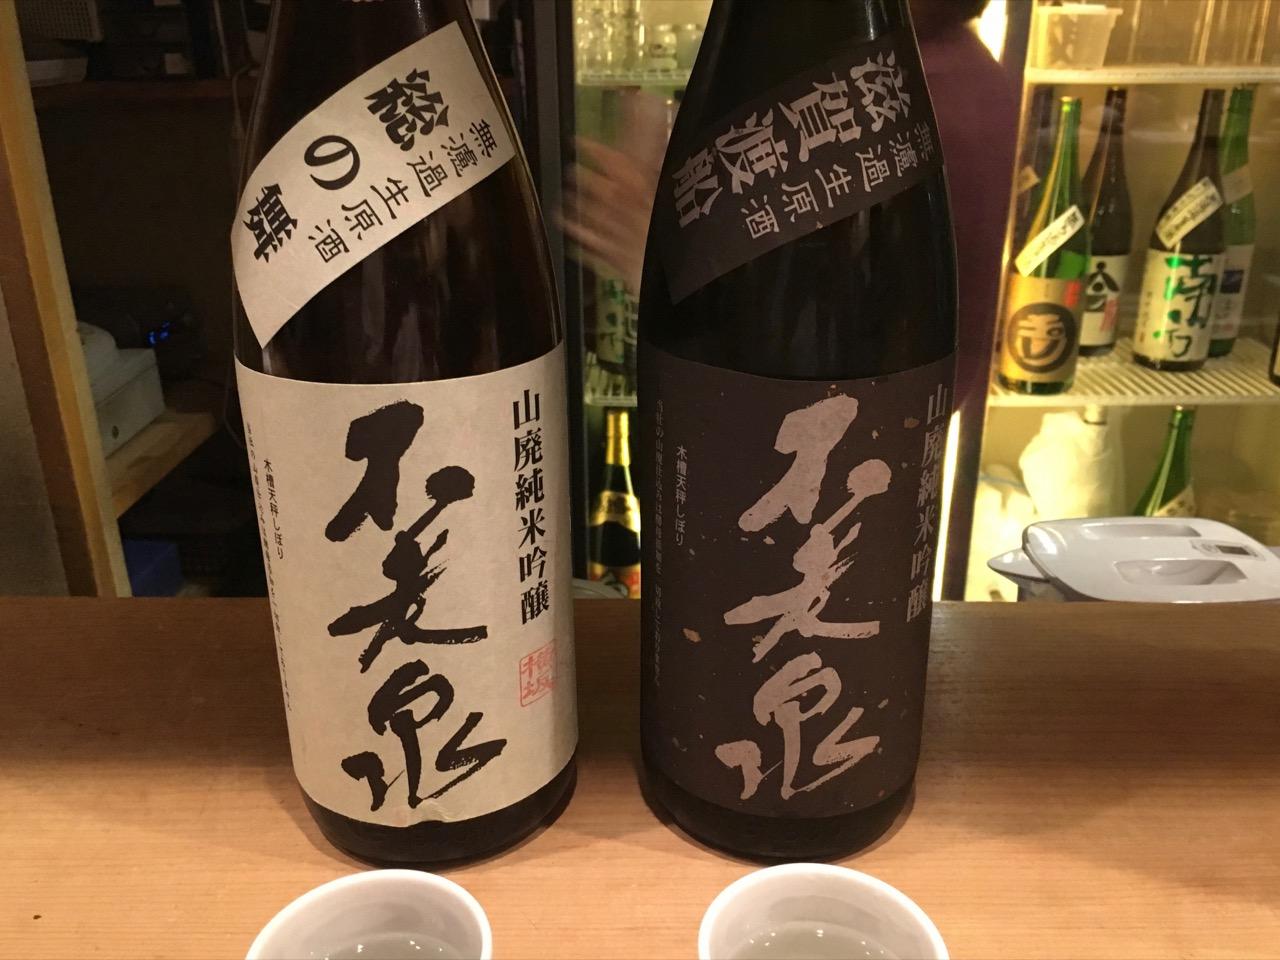 不老泉「総の舞」「滋賀渡船」飲み比べ|日本酒テイスティングノート